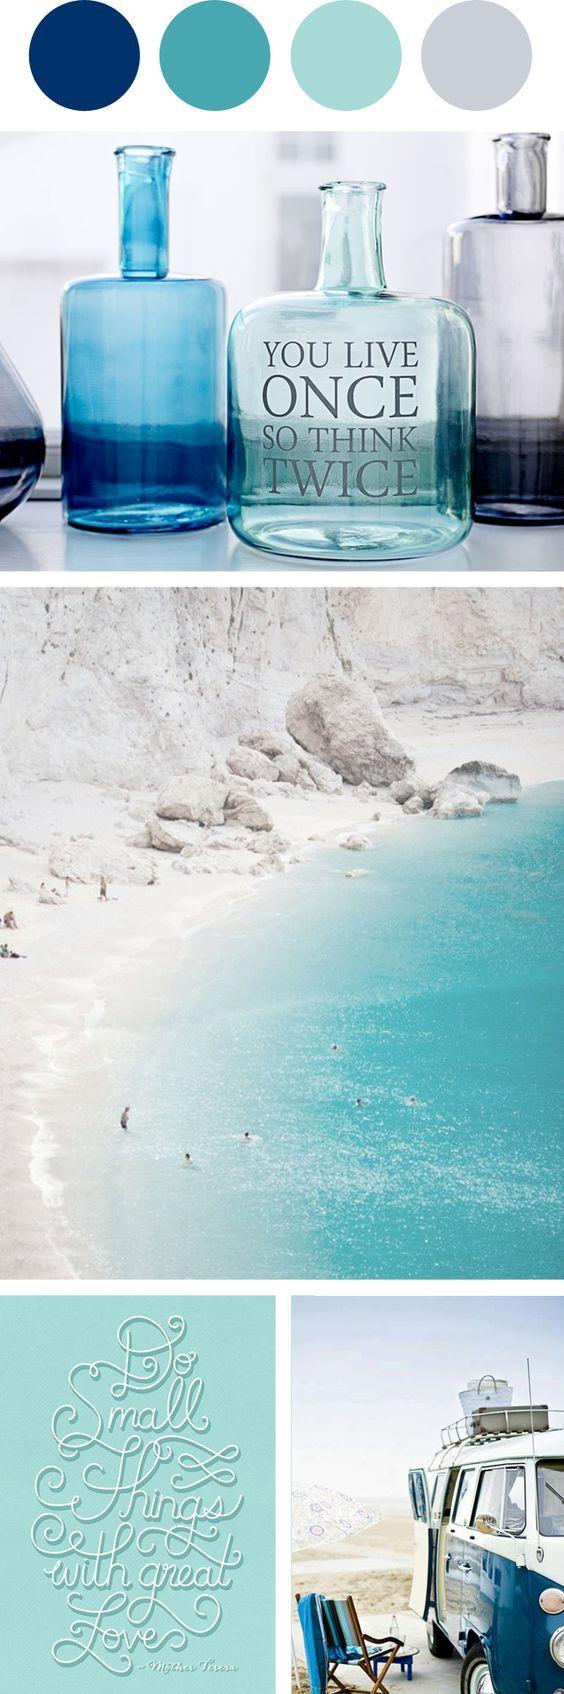 Ein Tag am Strand... Sommer, Sonne und Meer.  Frische, Jugendlichkeit und Umkompliziertheit. Kerstin Tomancok Farb-, Typ-, Stil & Imageberatung